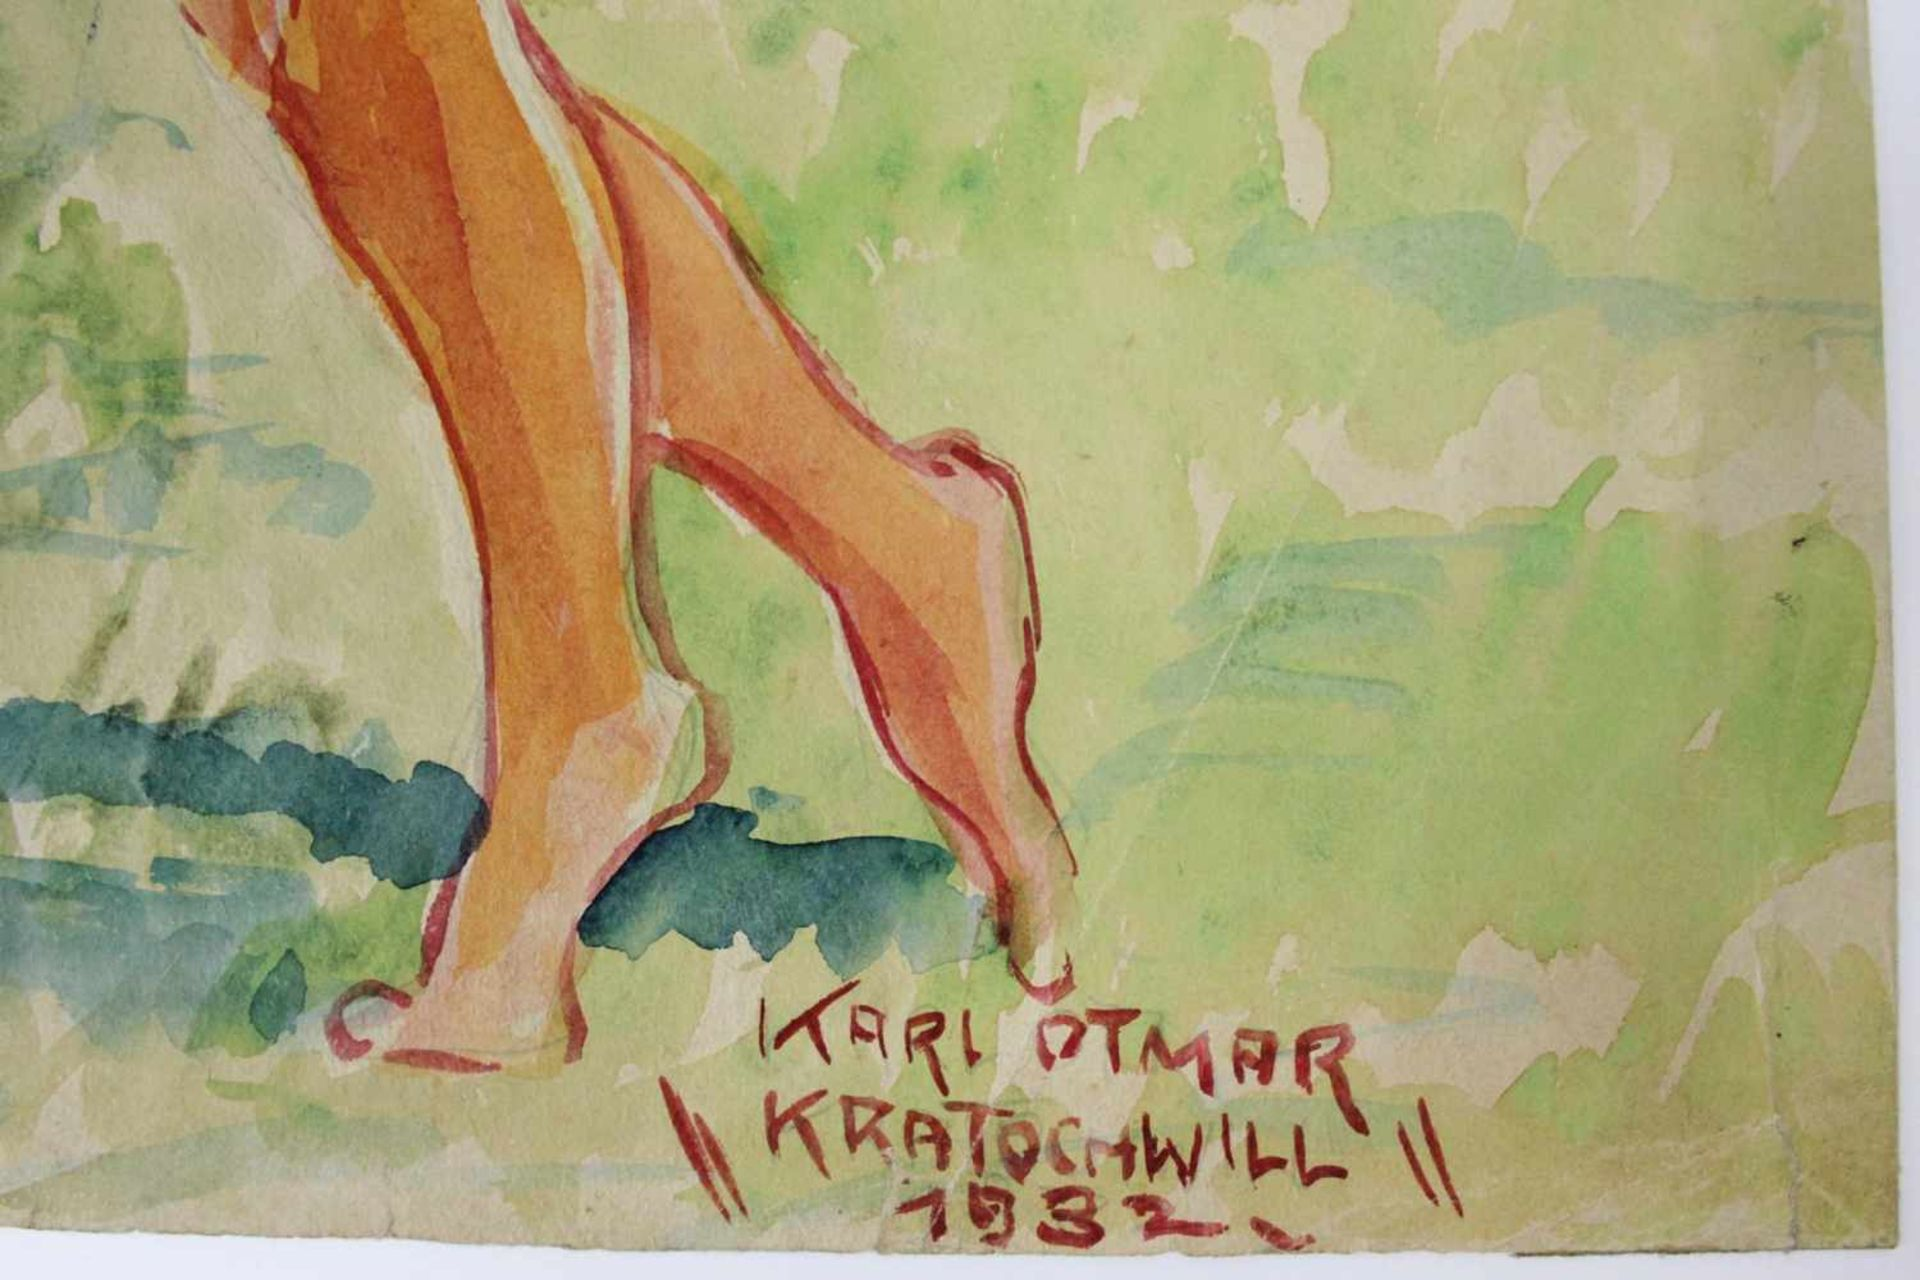 Karl Ottmar Kratochwill geb. 1910 Der Reigen 1932 Öl auf Papier handsigniert, datiert und betitelt - Bild 3 aus 5